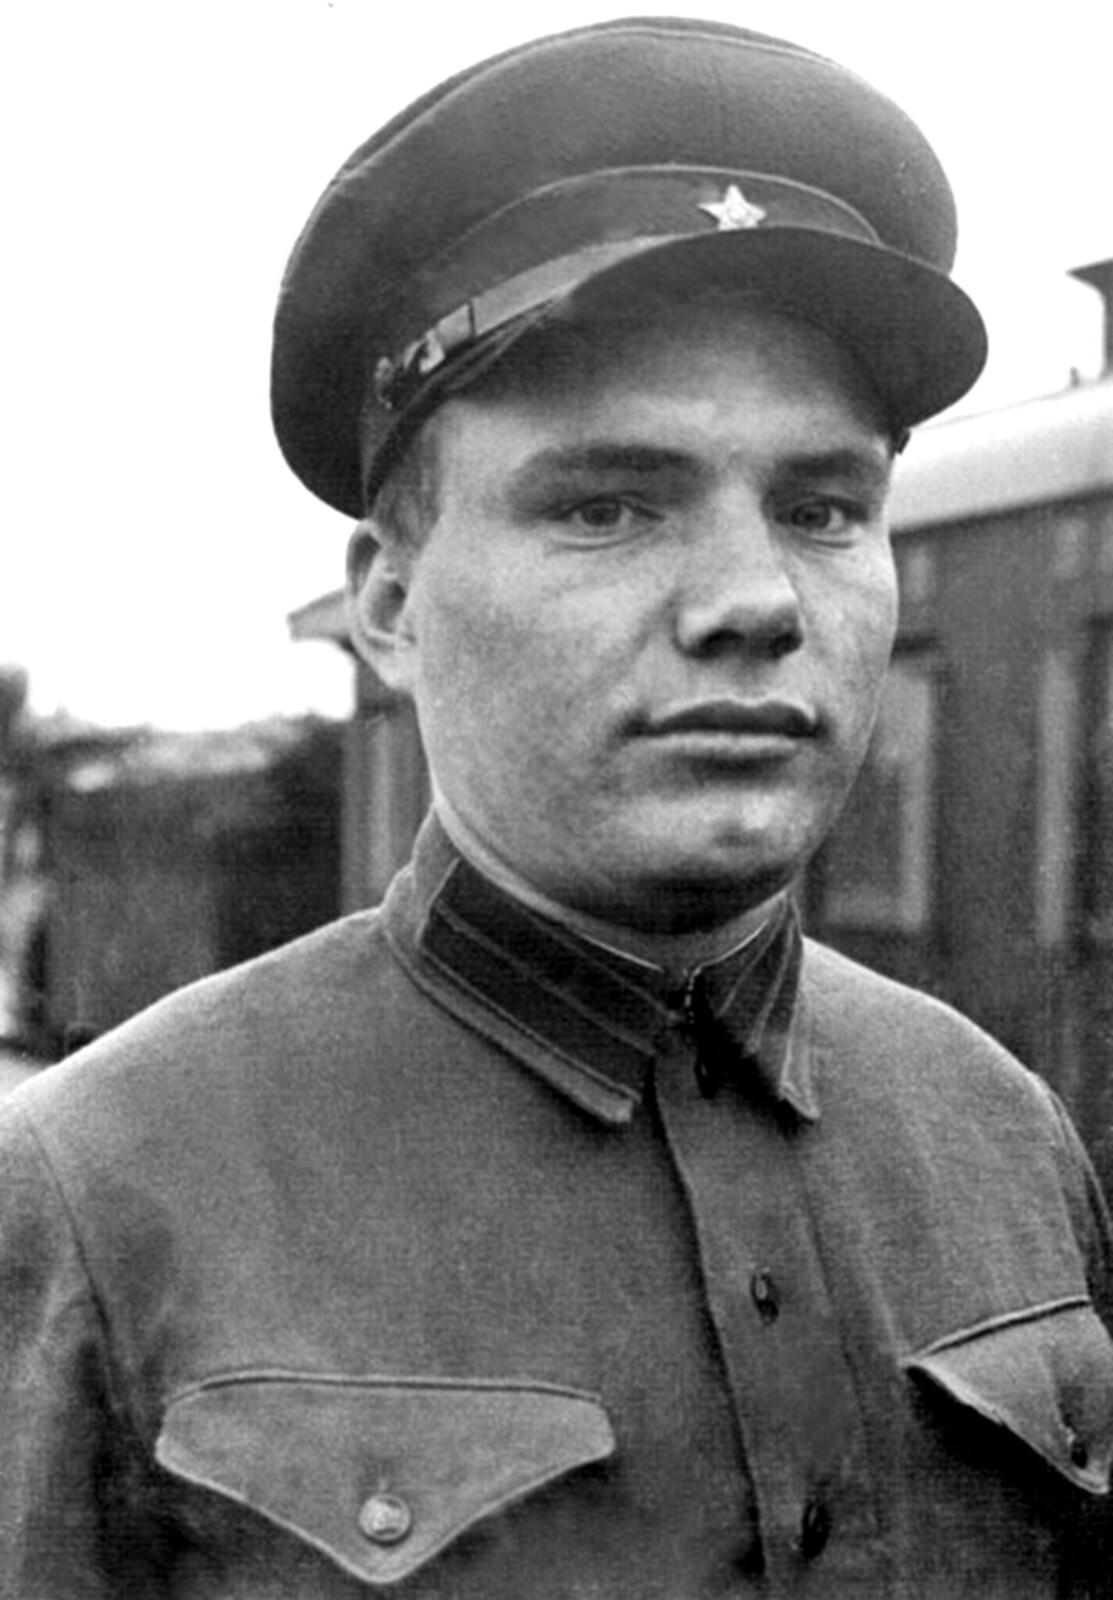 1936. Рядовой боец-пограничник Прокофий Павлович Стрелкин